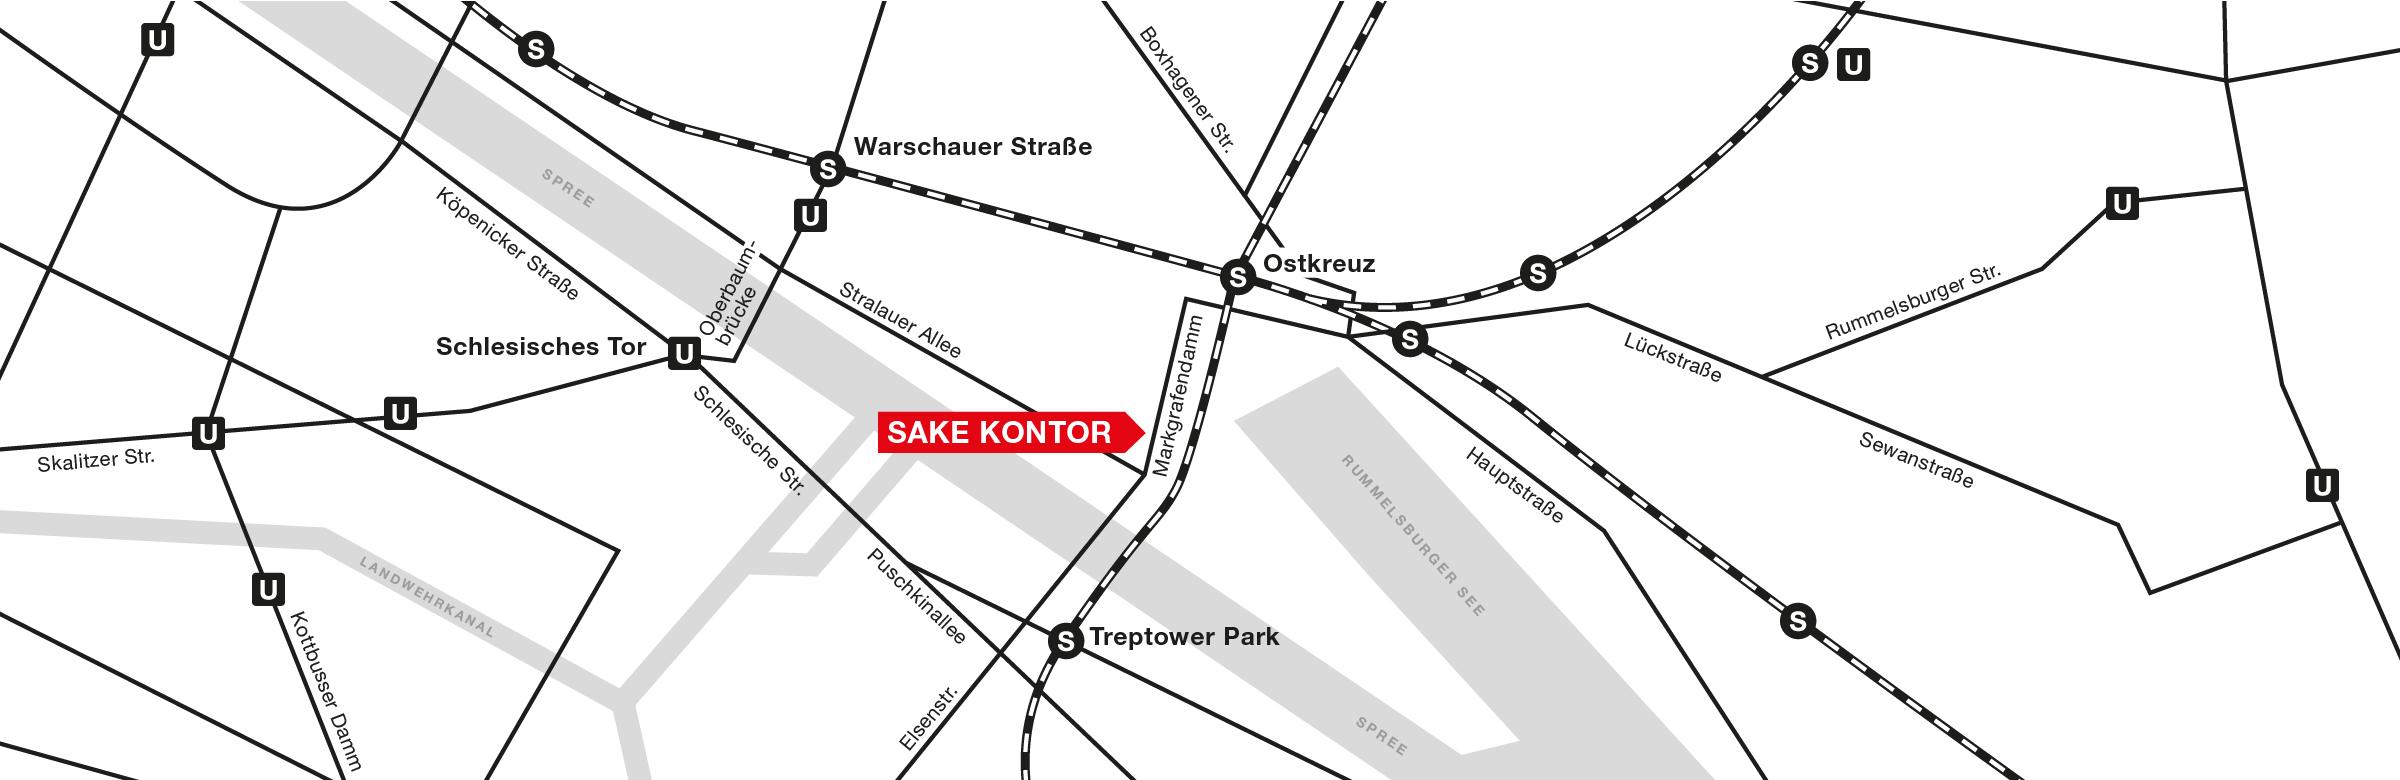 Lageplan Sake Kontor Berlin